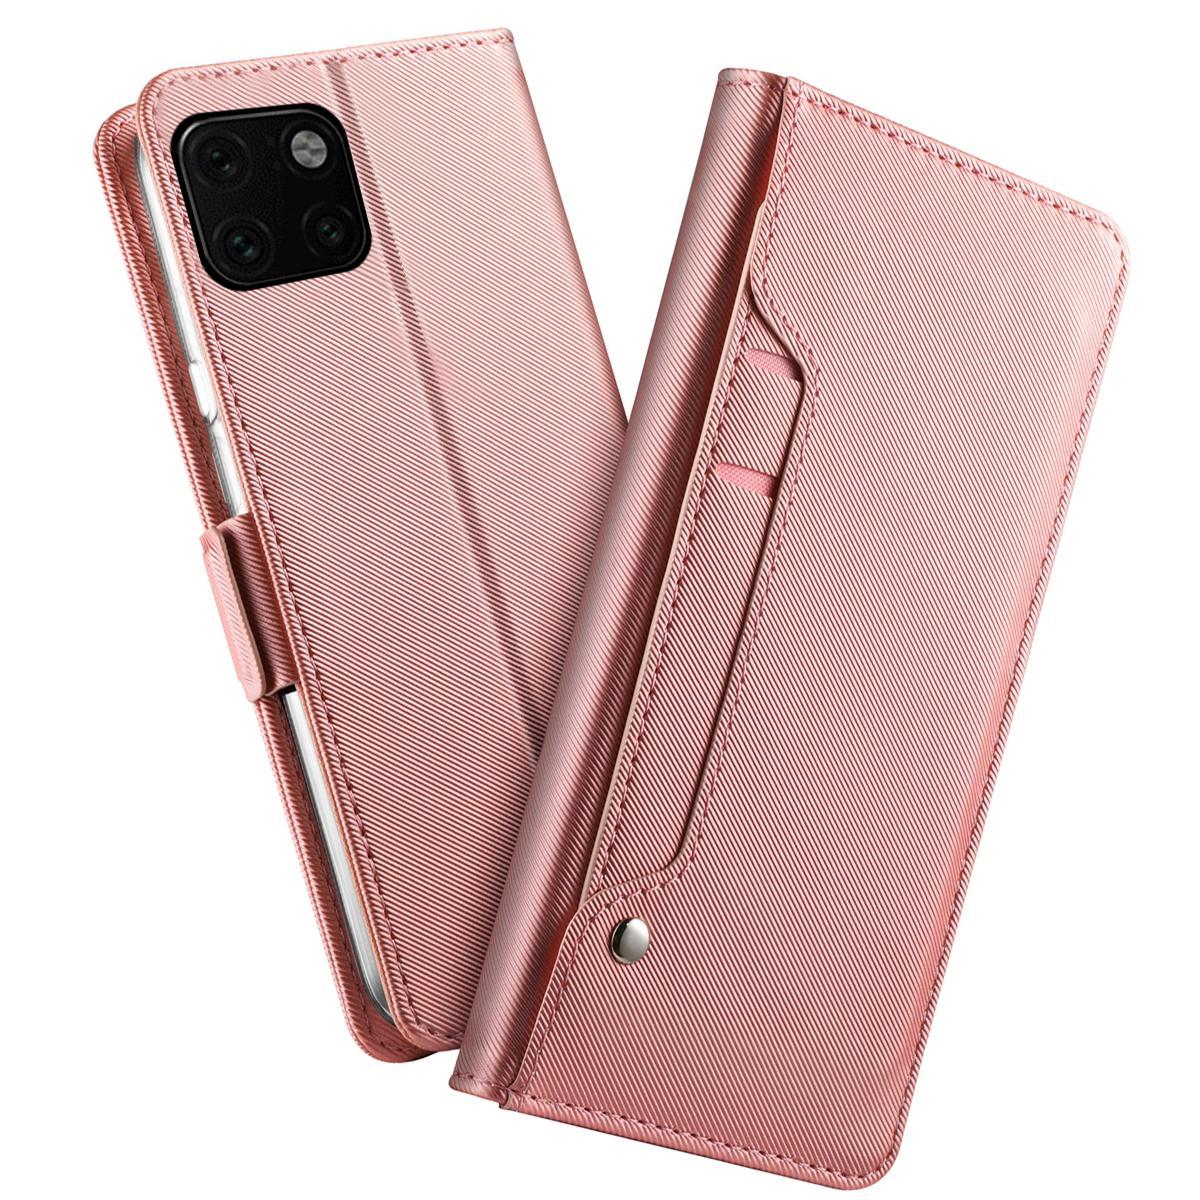 Plånboksfodral Spegel iPhone 11 Pro Max Rosa Guld